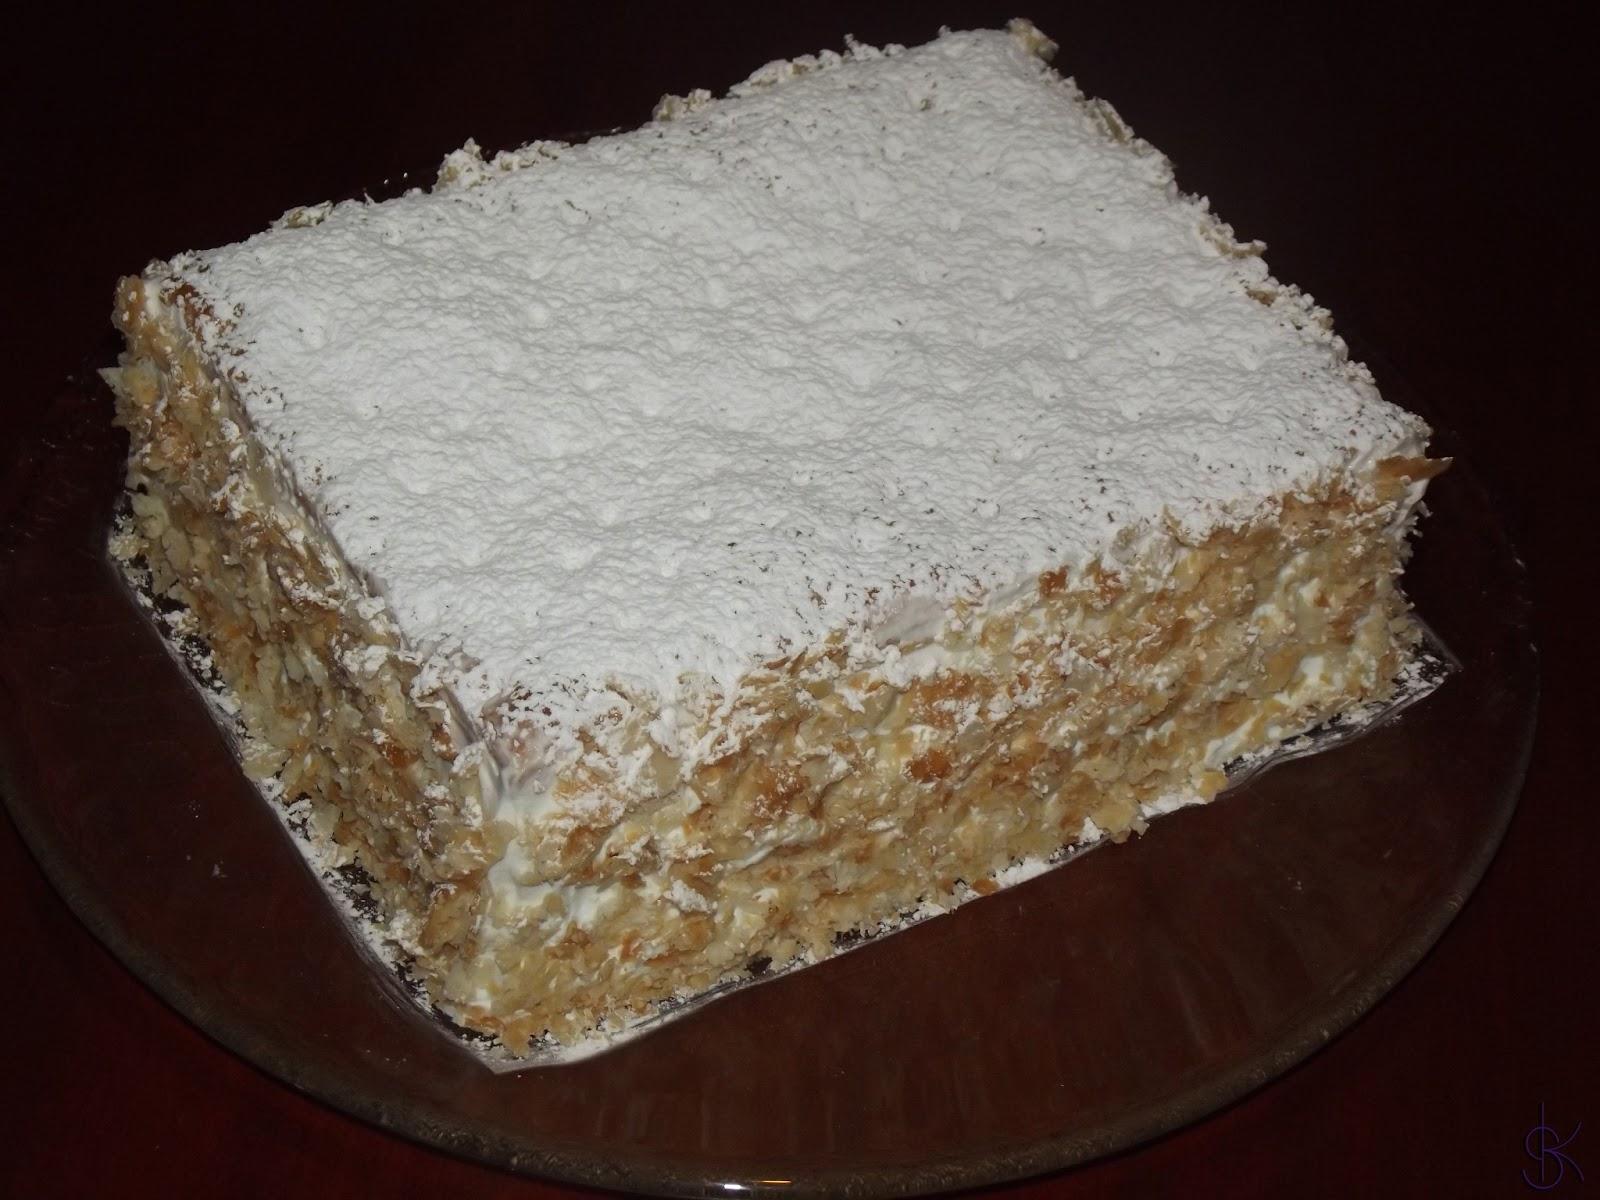 Dolci creazioni millefoglie con crema pasticcera e chantilly for Decorazione torte millefoglie